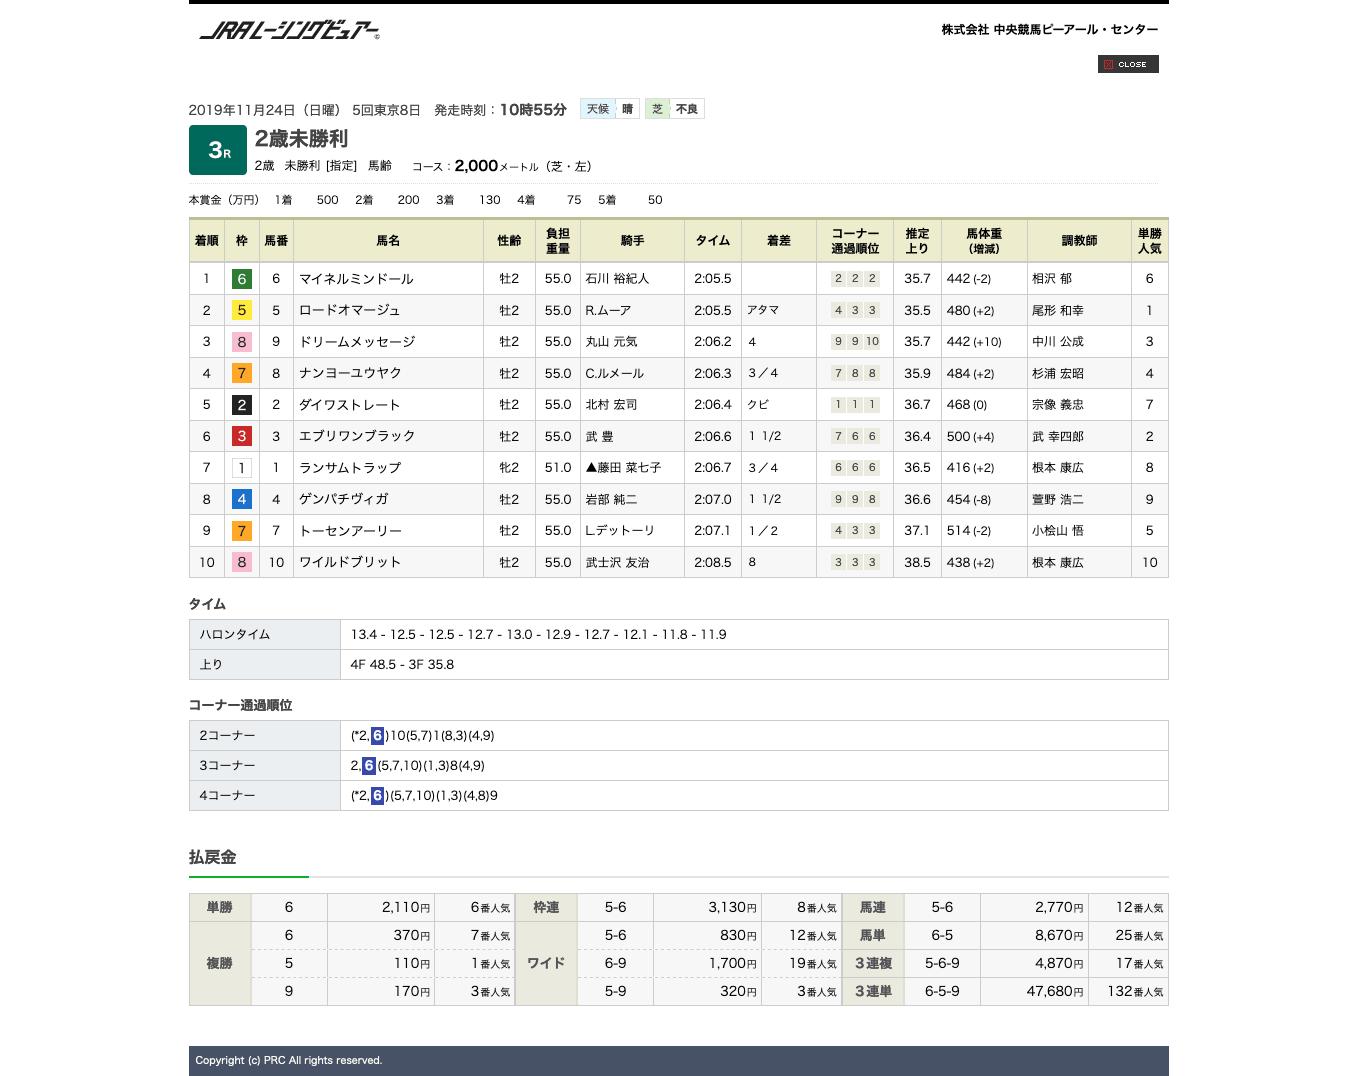 マイネルミンドール(オルフェーヴル産駒)が激しい競り合い制して初勝利